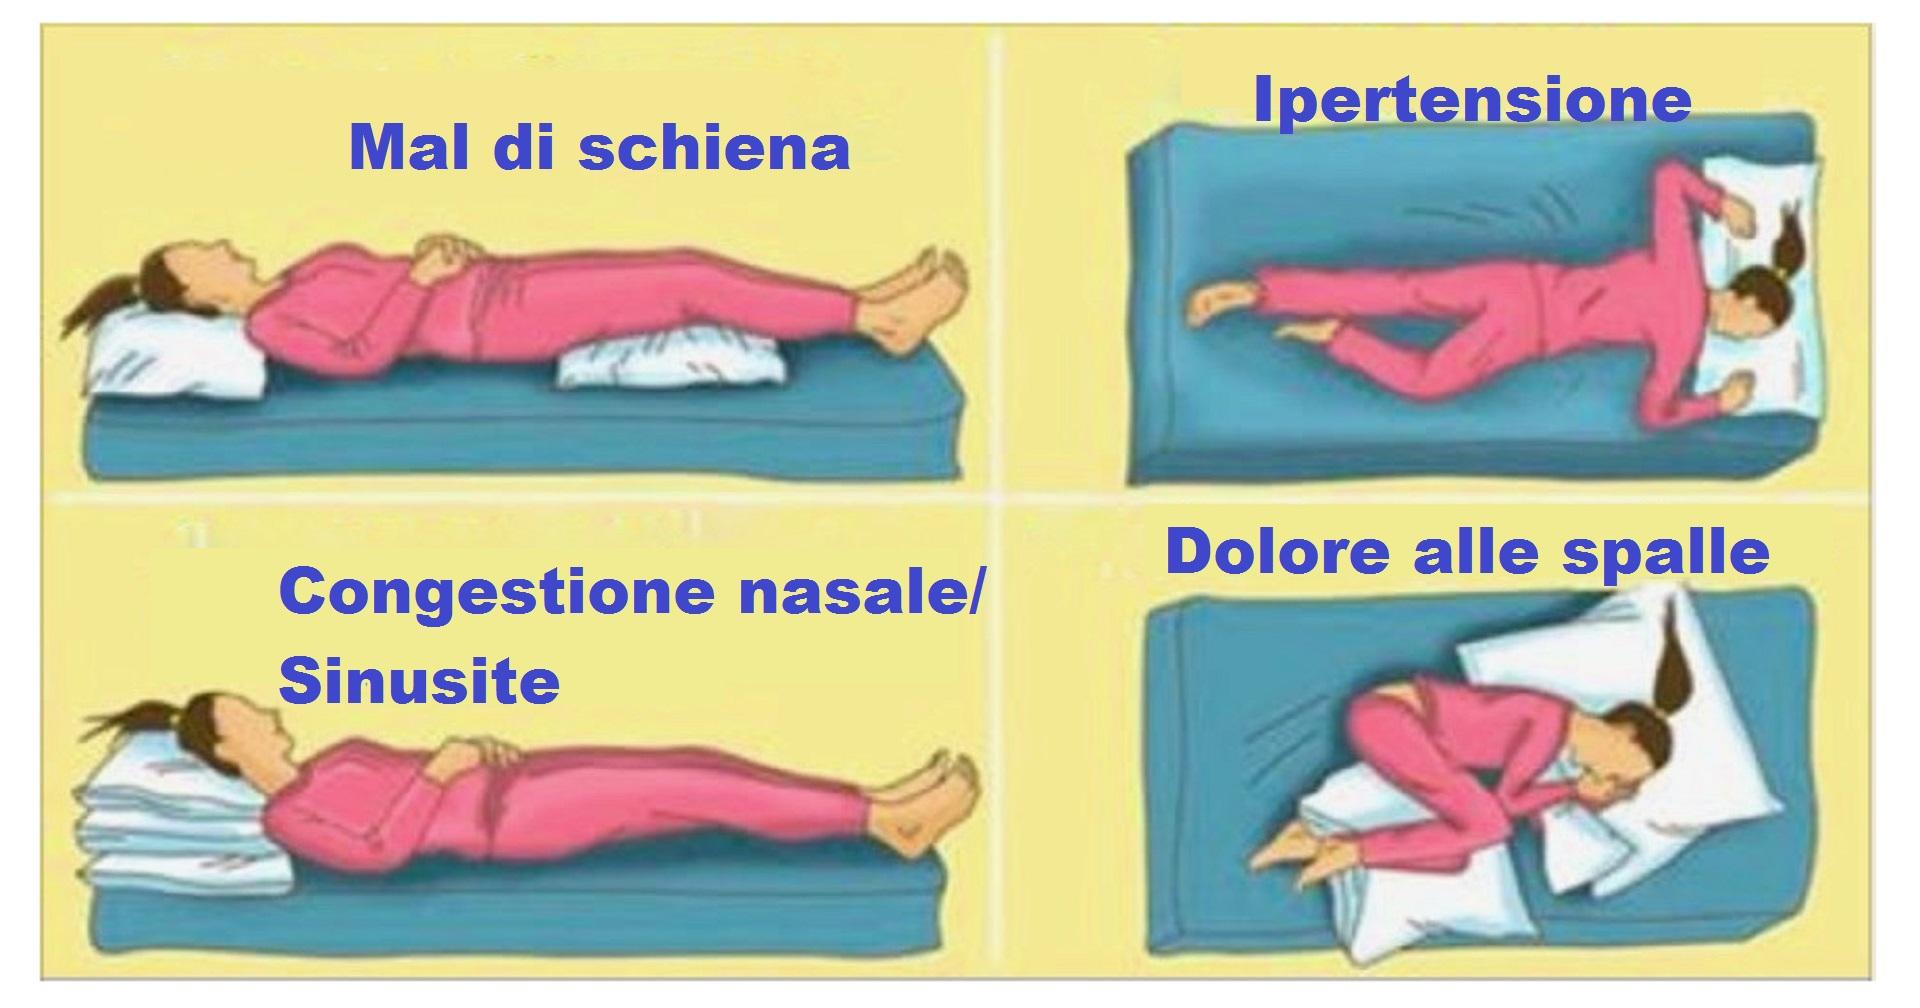 la posizione corretta per dormire in base ai nostri